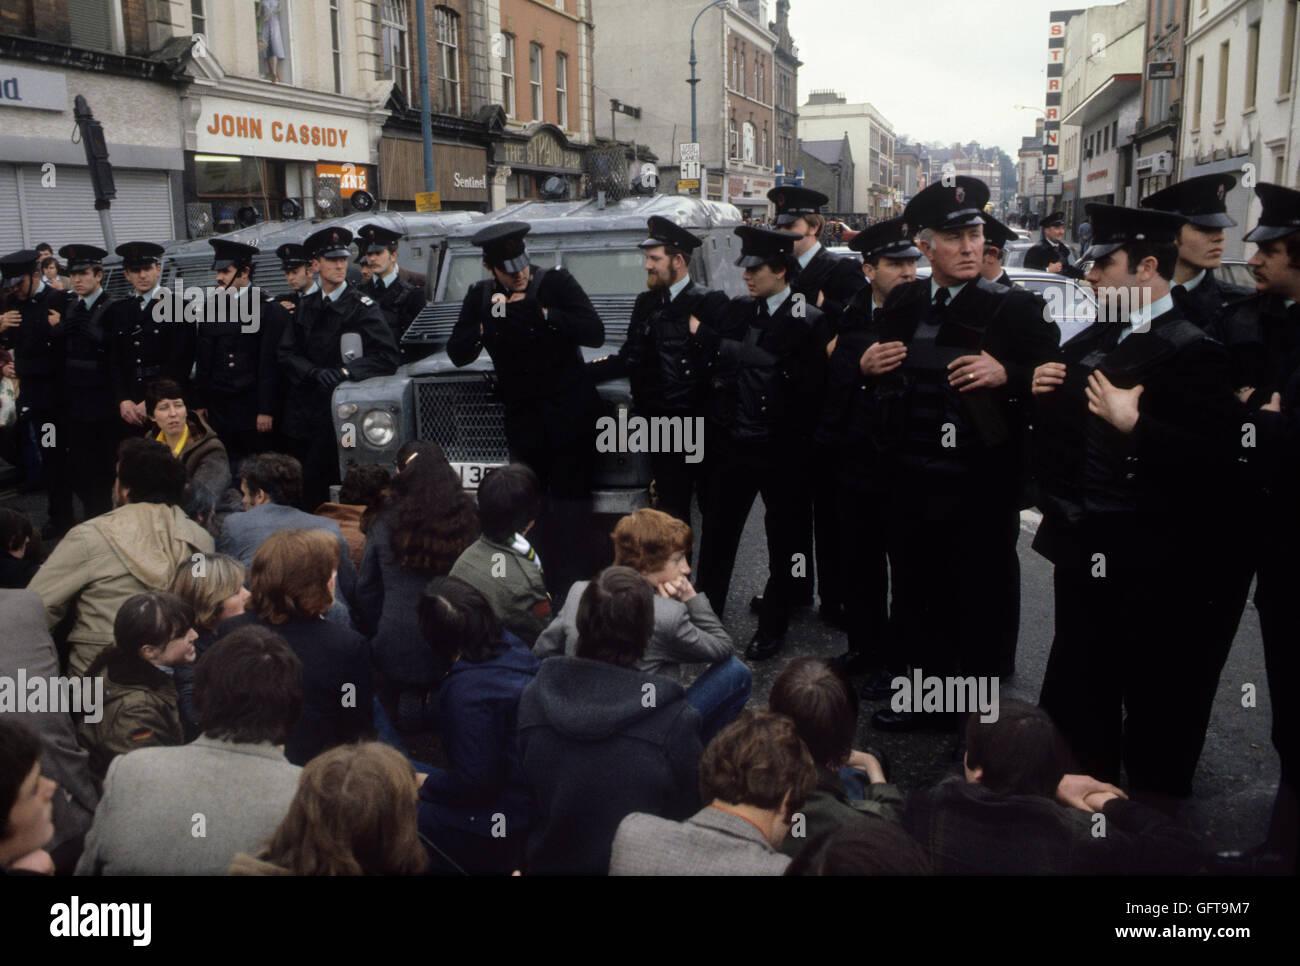 Les troubles des années 1980 Belfast s'asseoir en centre-ville. 1981.80s UK HOMER SYKES Photo Stock